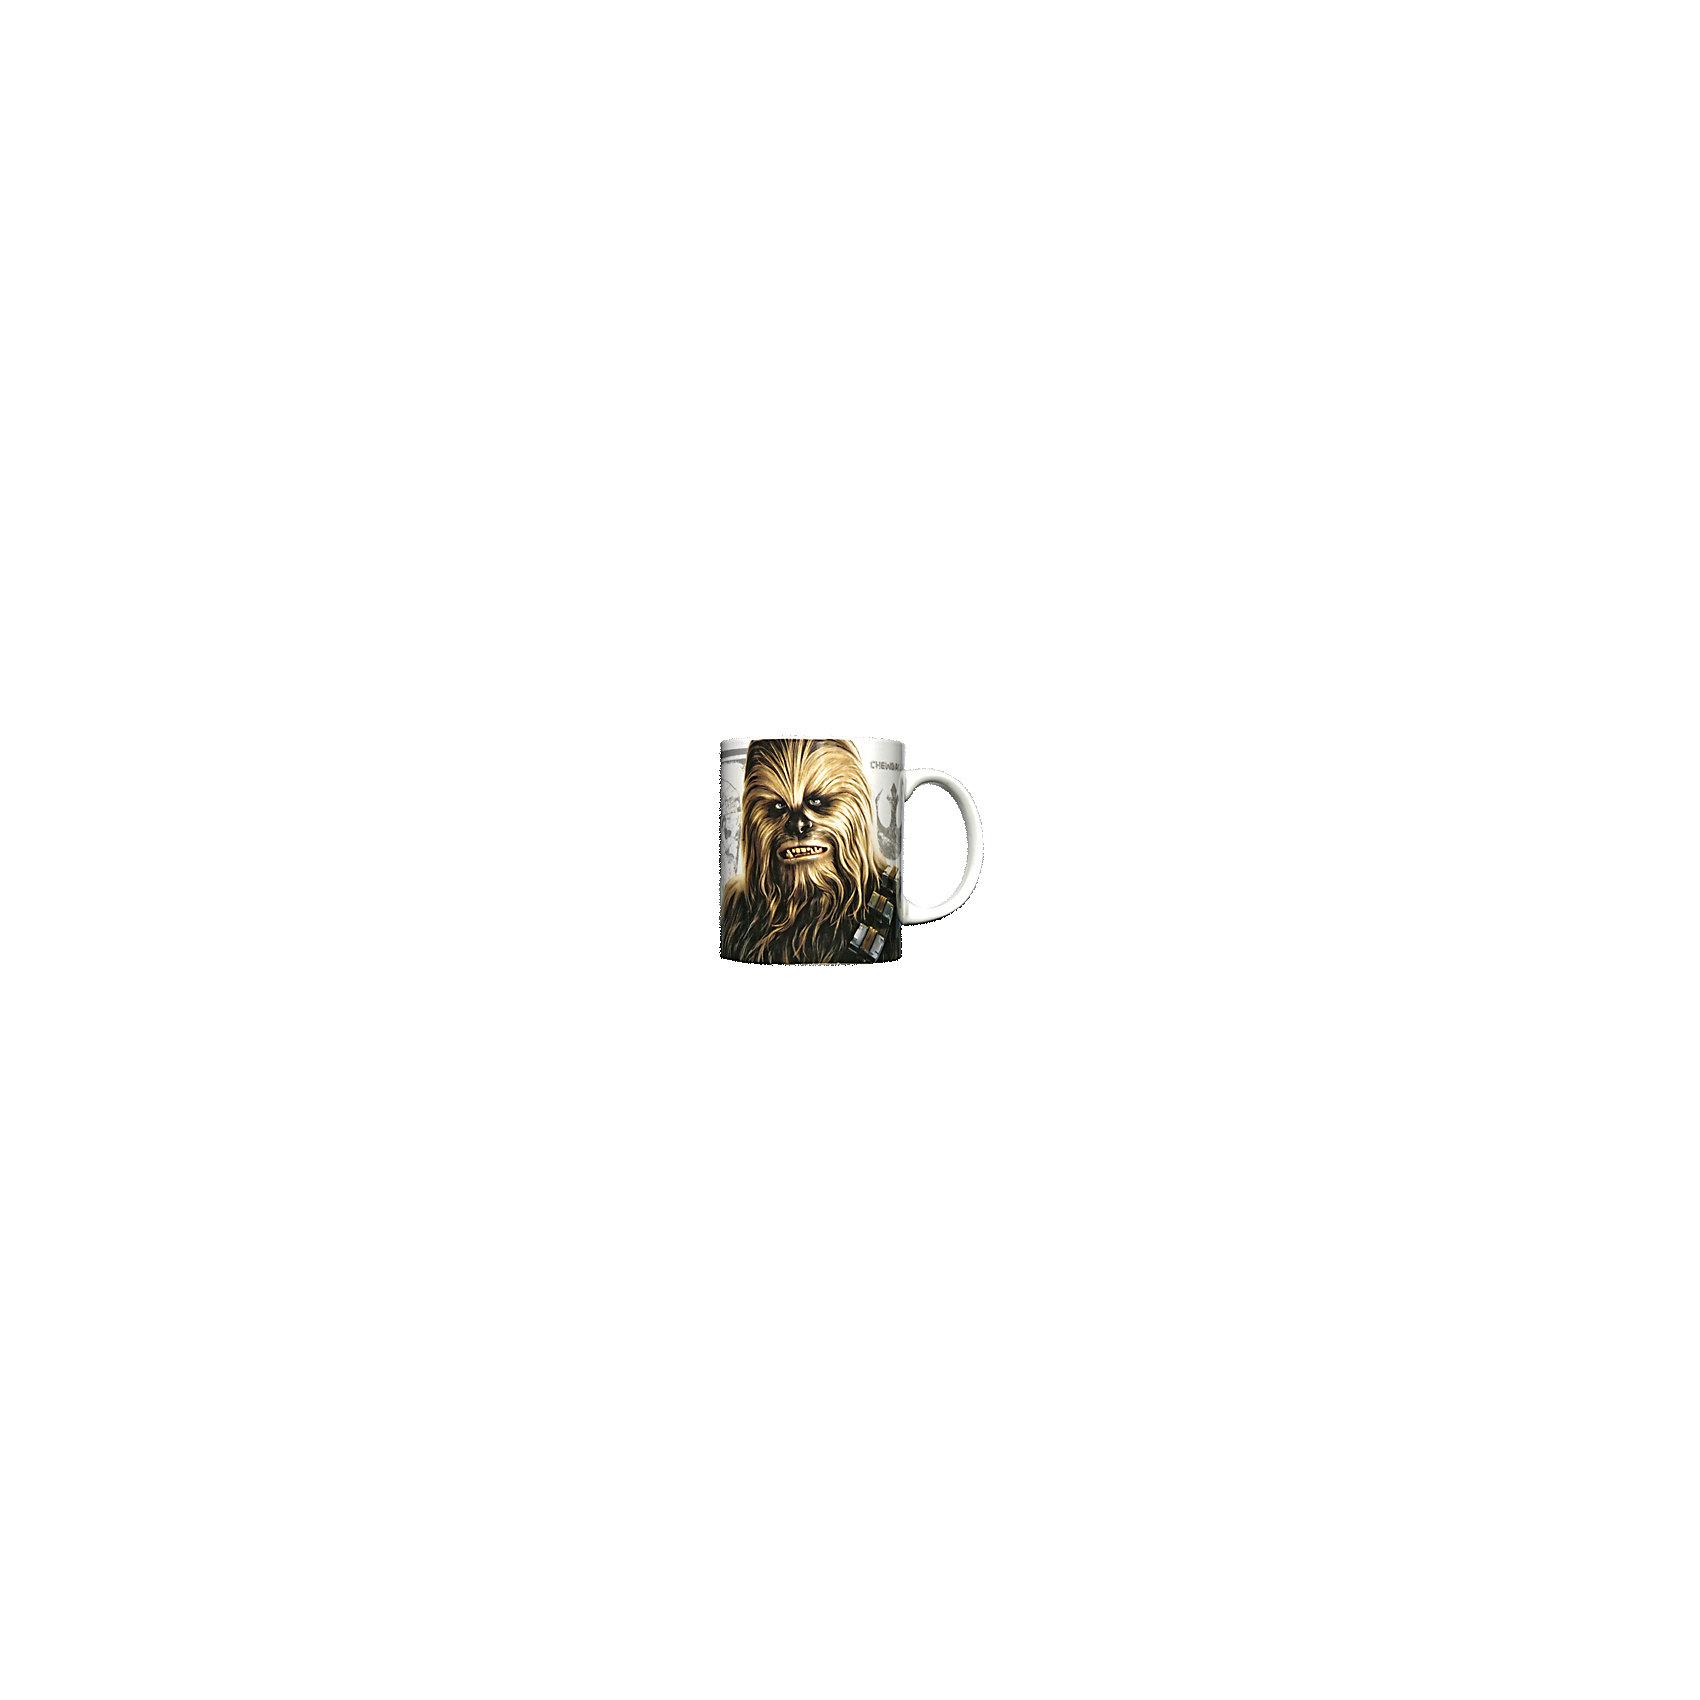 Керамическая кружка Чубакка 350 мл, Звёздные ВойныЗвездные войны<br>Керамическая кружка Чубакка 350 мл, Звёздные Войны - эта оригинальная кружка станет приятным сюрпризом для Вашего ребенка.<br>Кружка Чубакка Звездные войны станет отличным подарком для любого фаната знаменитой саги. Она выполнена из керамики и оформлена рисунком с изображением одного из главных героев Звездных войн Чубакки. Большая ручка обеспечит удобство использования. Подходит для использования в посудомоечной машине и СВЧ-печи.<br><br>Дополнительная информация:<br><br>- Материал: керамика<br>- Объем: 350 мл.<br>- Высота: 10 см.<br>- Диаметр: 8 см.<br><br>Керамическую кружку Чубакка 350 мл, Звёздные Войны можно купить в нашем интернет-магазине.<br><br>Ширина мм: 120<br>Глубина мм: 82<br>Высота мм: 98<br>Вес г: 330<br>Возраст от месяцев: 36<br>Возраст до месяцев: 144<br>Пол: Унисекс<br>Возраст: Детский<br>SKU: 4603889